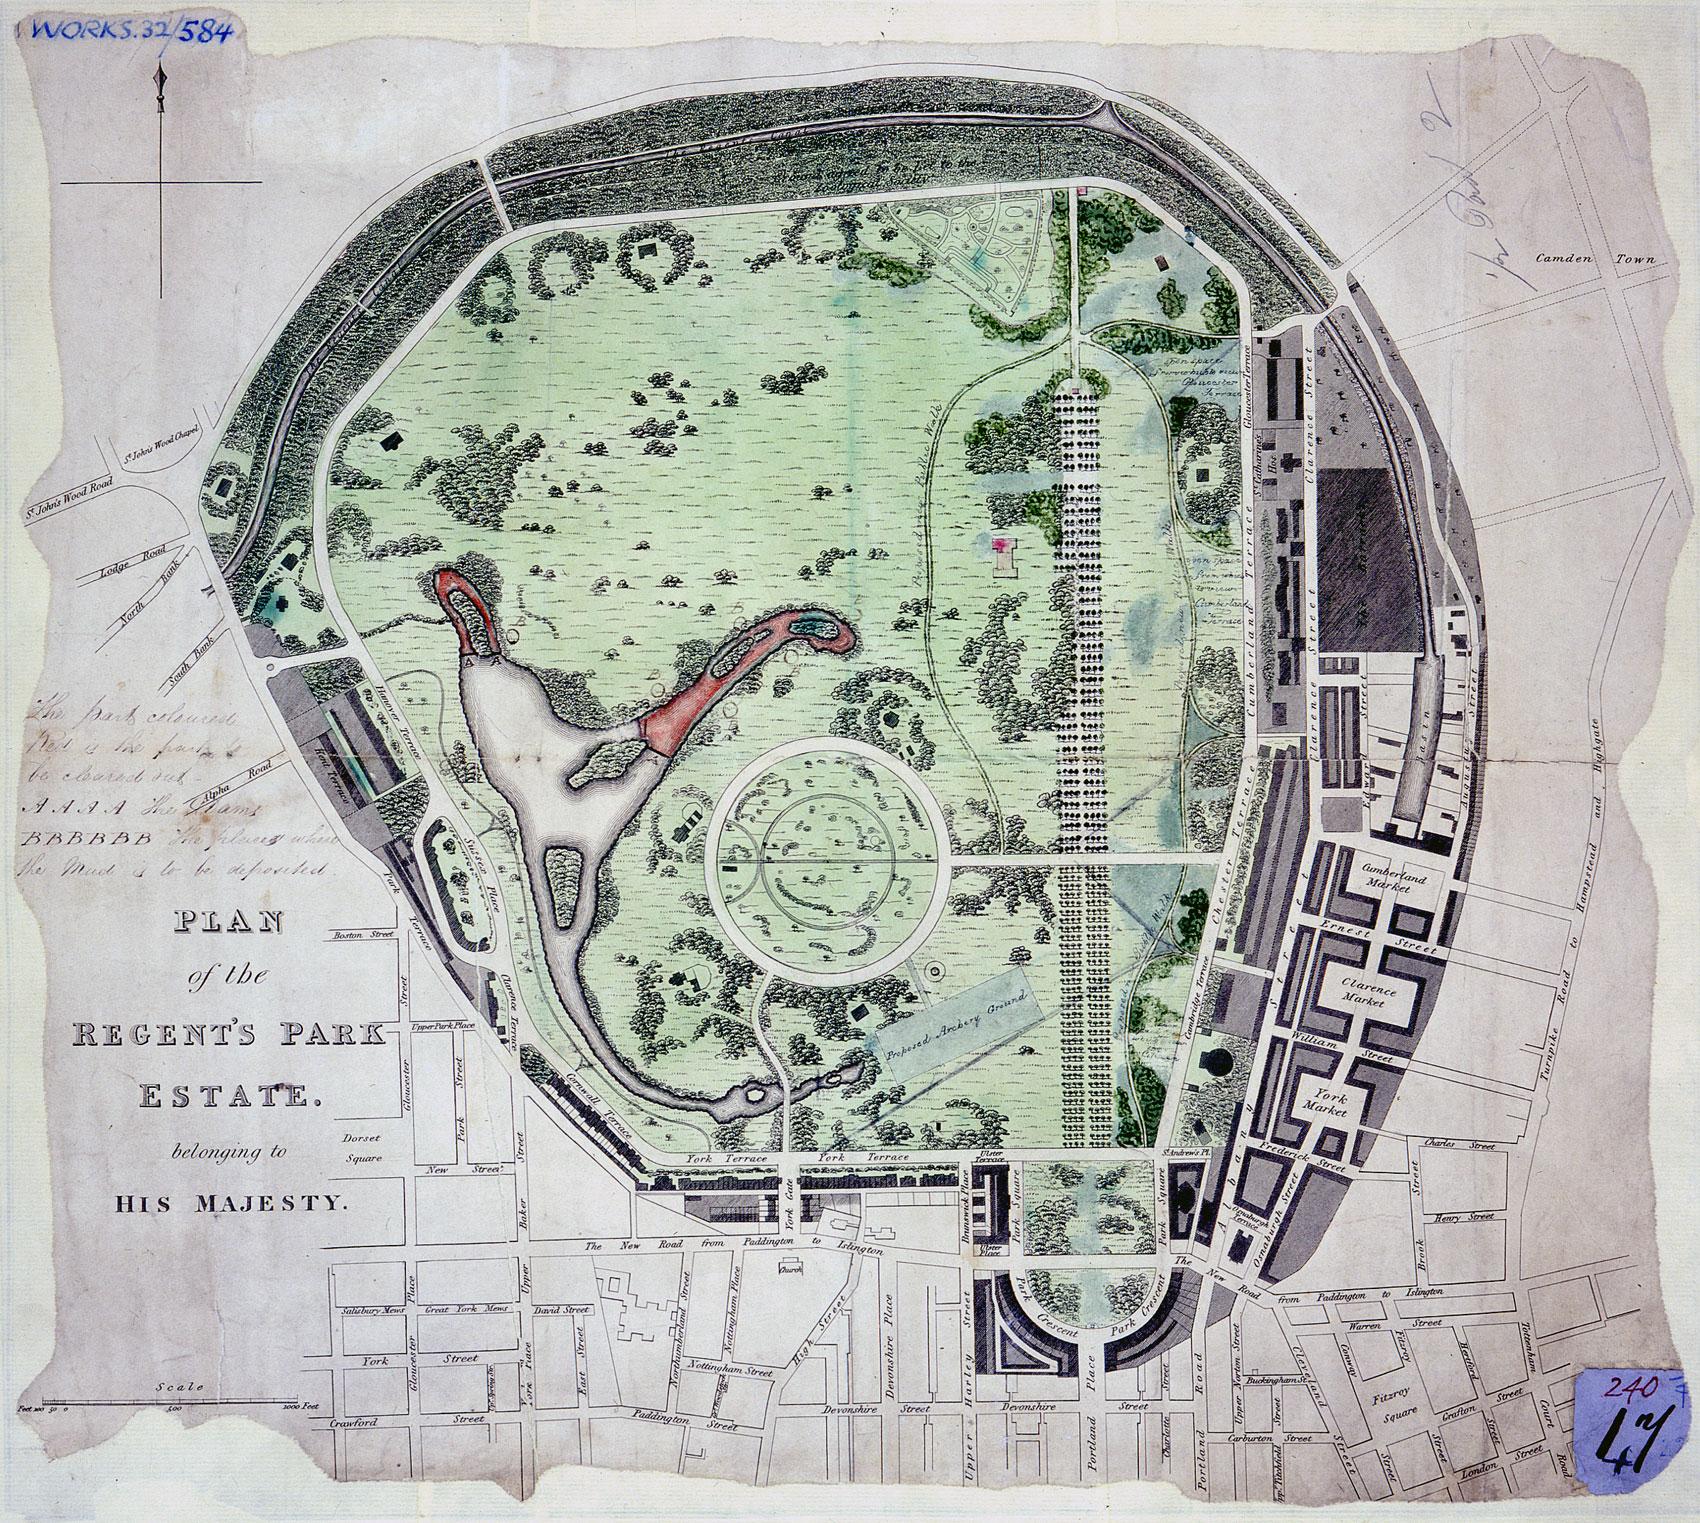 Plan of Regent's Park (WORK 32/584)